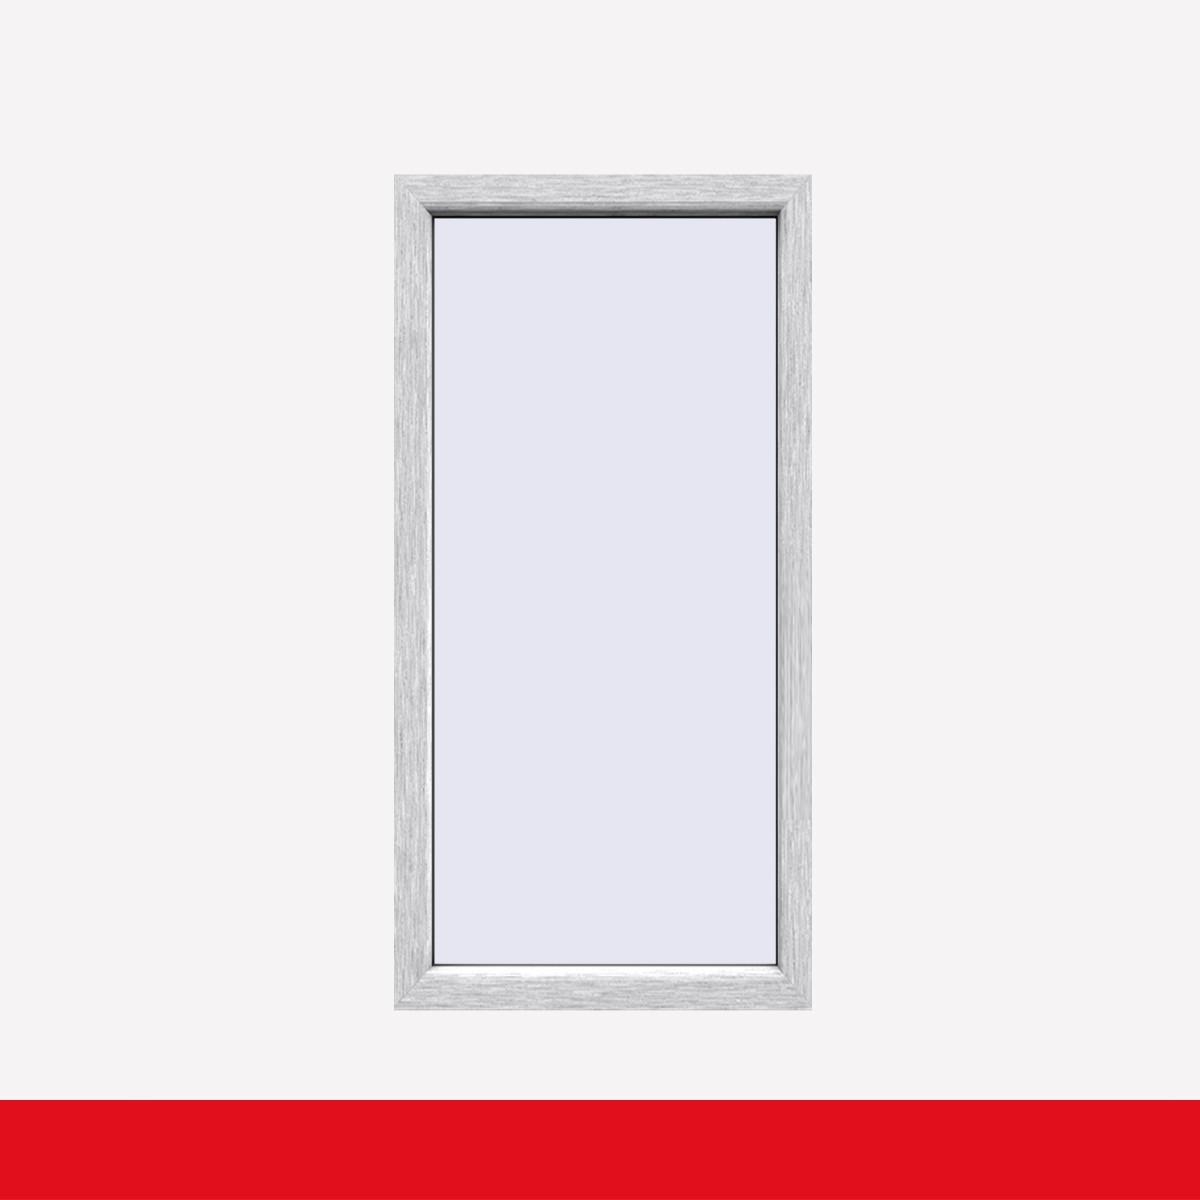 Full Size of Fenster Kaufen In Polen Balkonfenster Aluminium Gebrstet Beidseitig Festverglasung Ferienwohnung Bad Windsheim Einbruchschutz Nachrüsten String Regale Pvc Fenster Fenster Kaufen In Polen